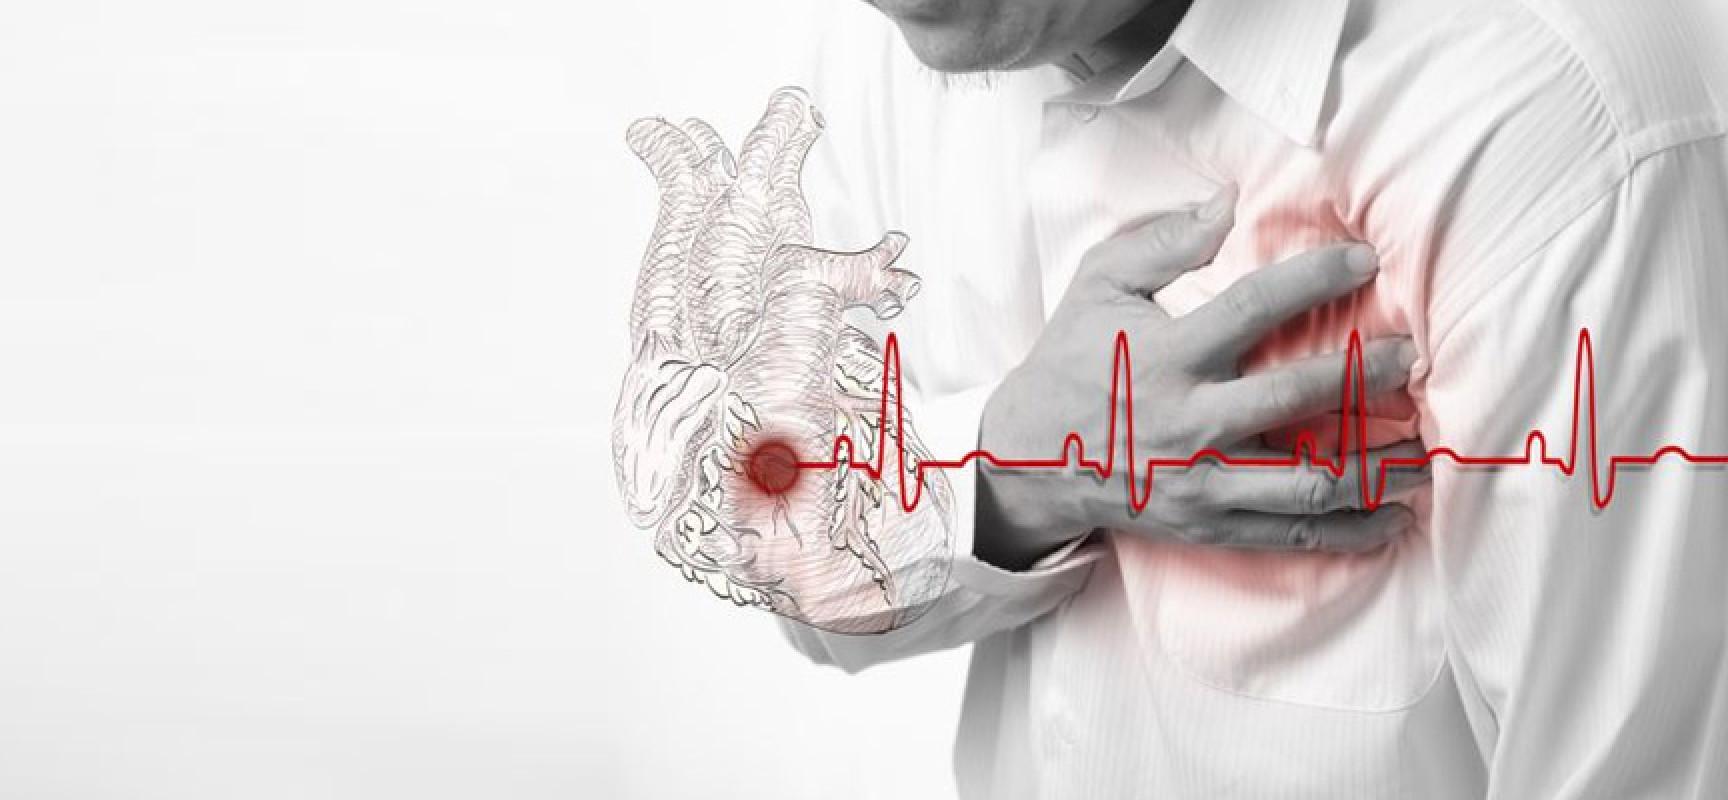 Инфаркт миокарда | Meddoc